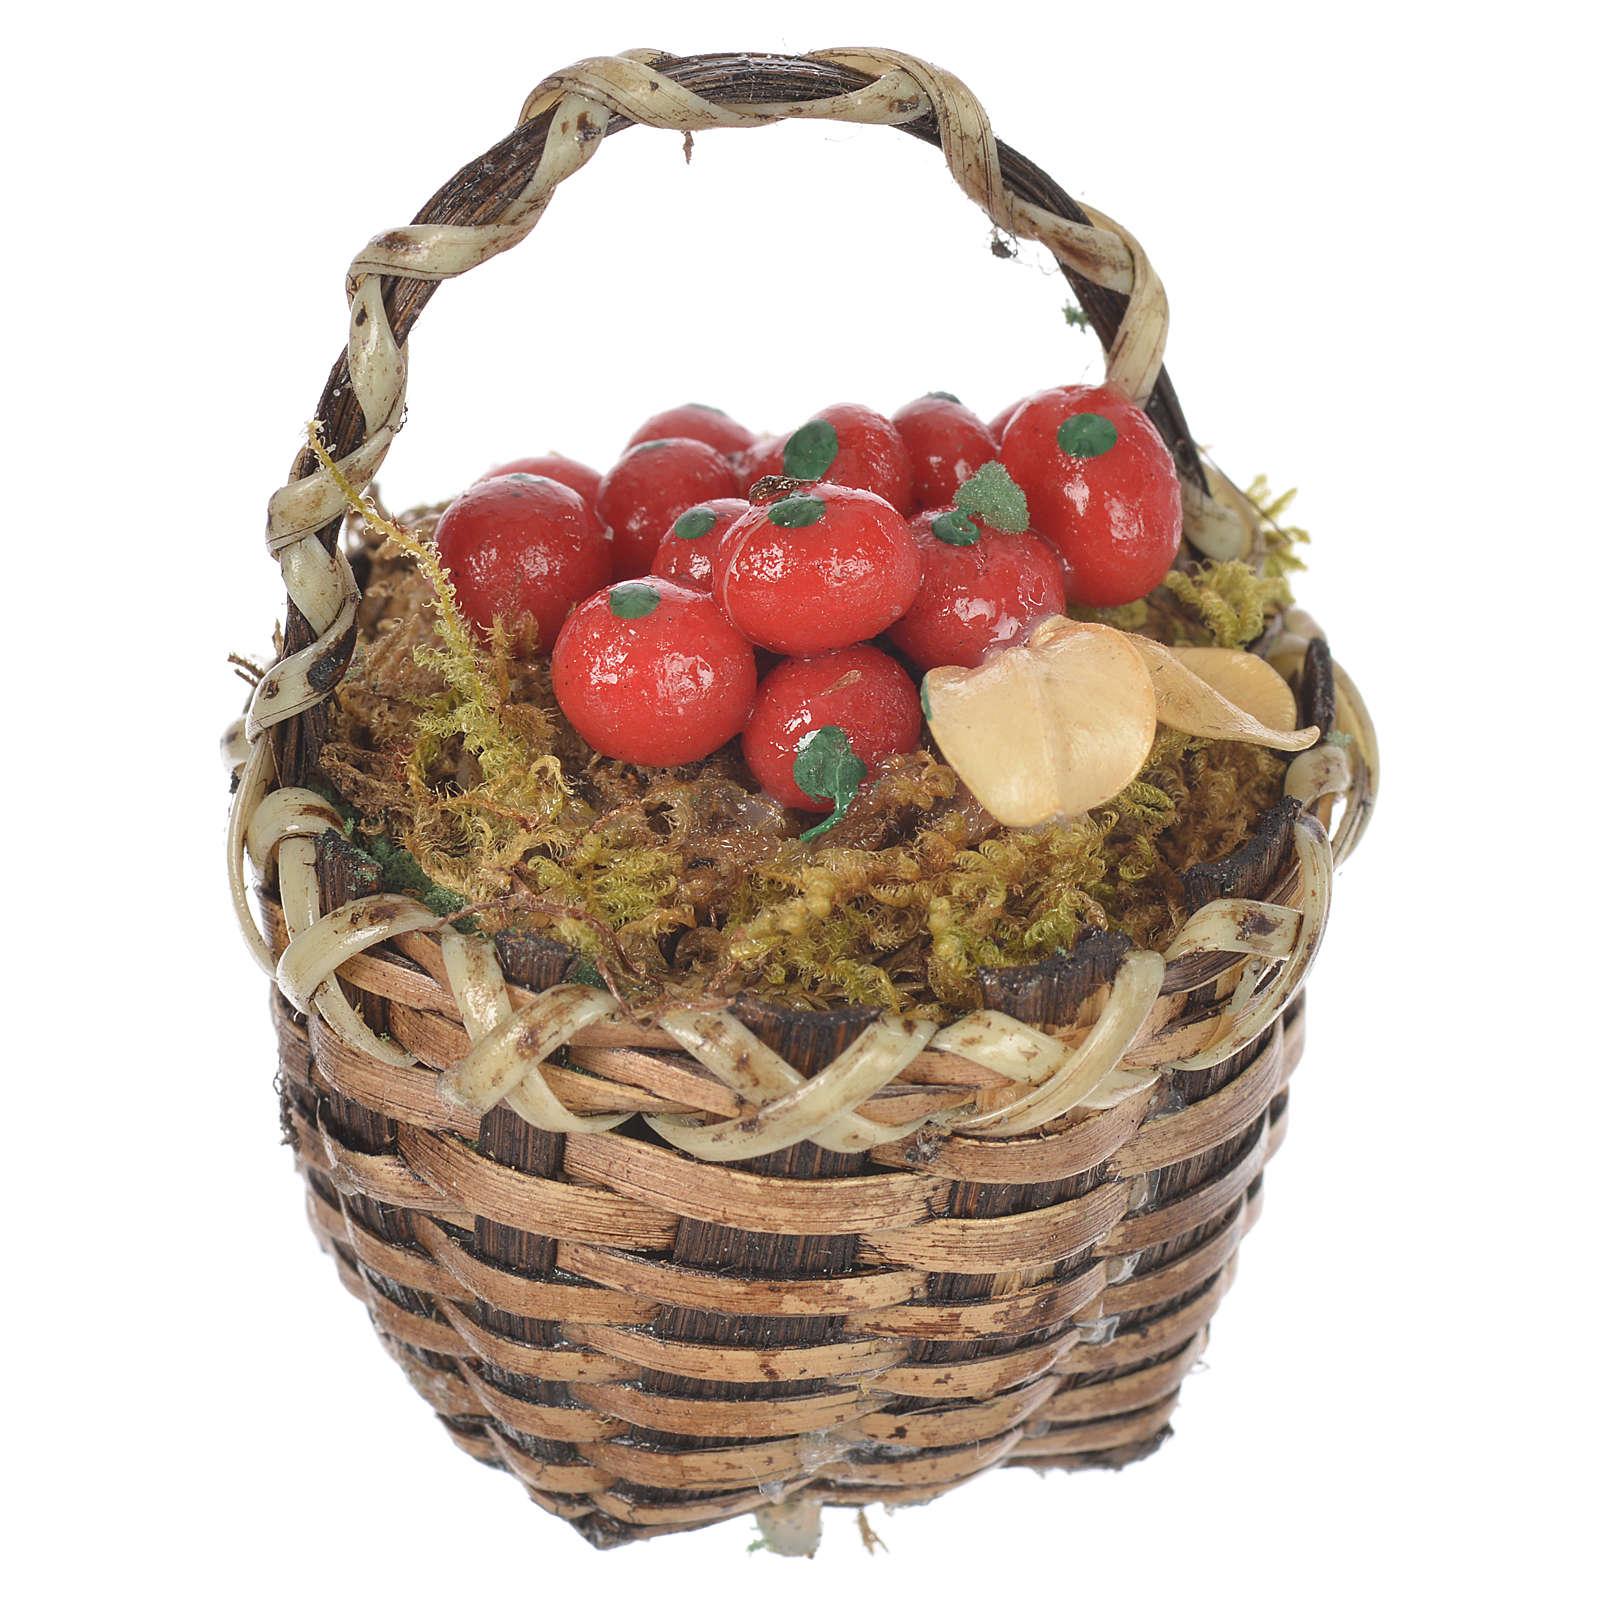 Cestino con frutta rossa presepe per figure 20-24 cm 4